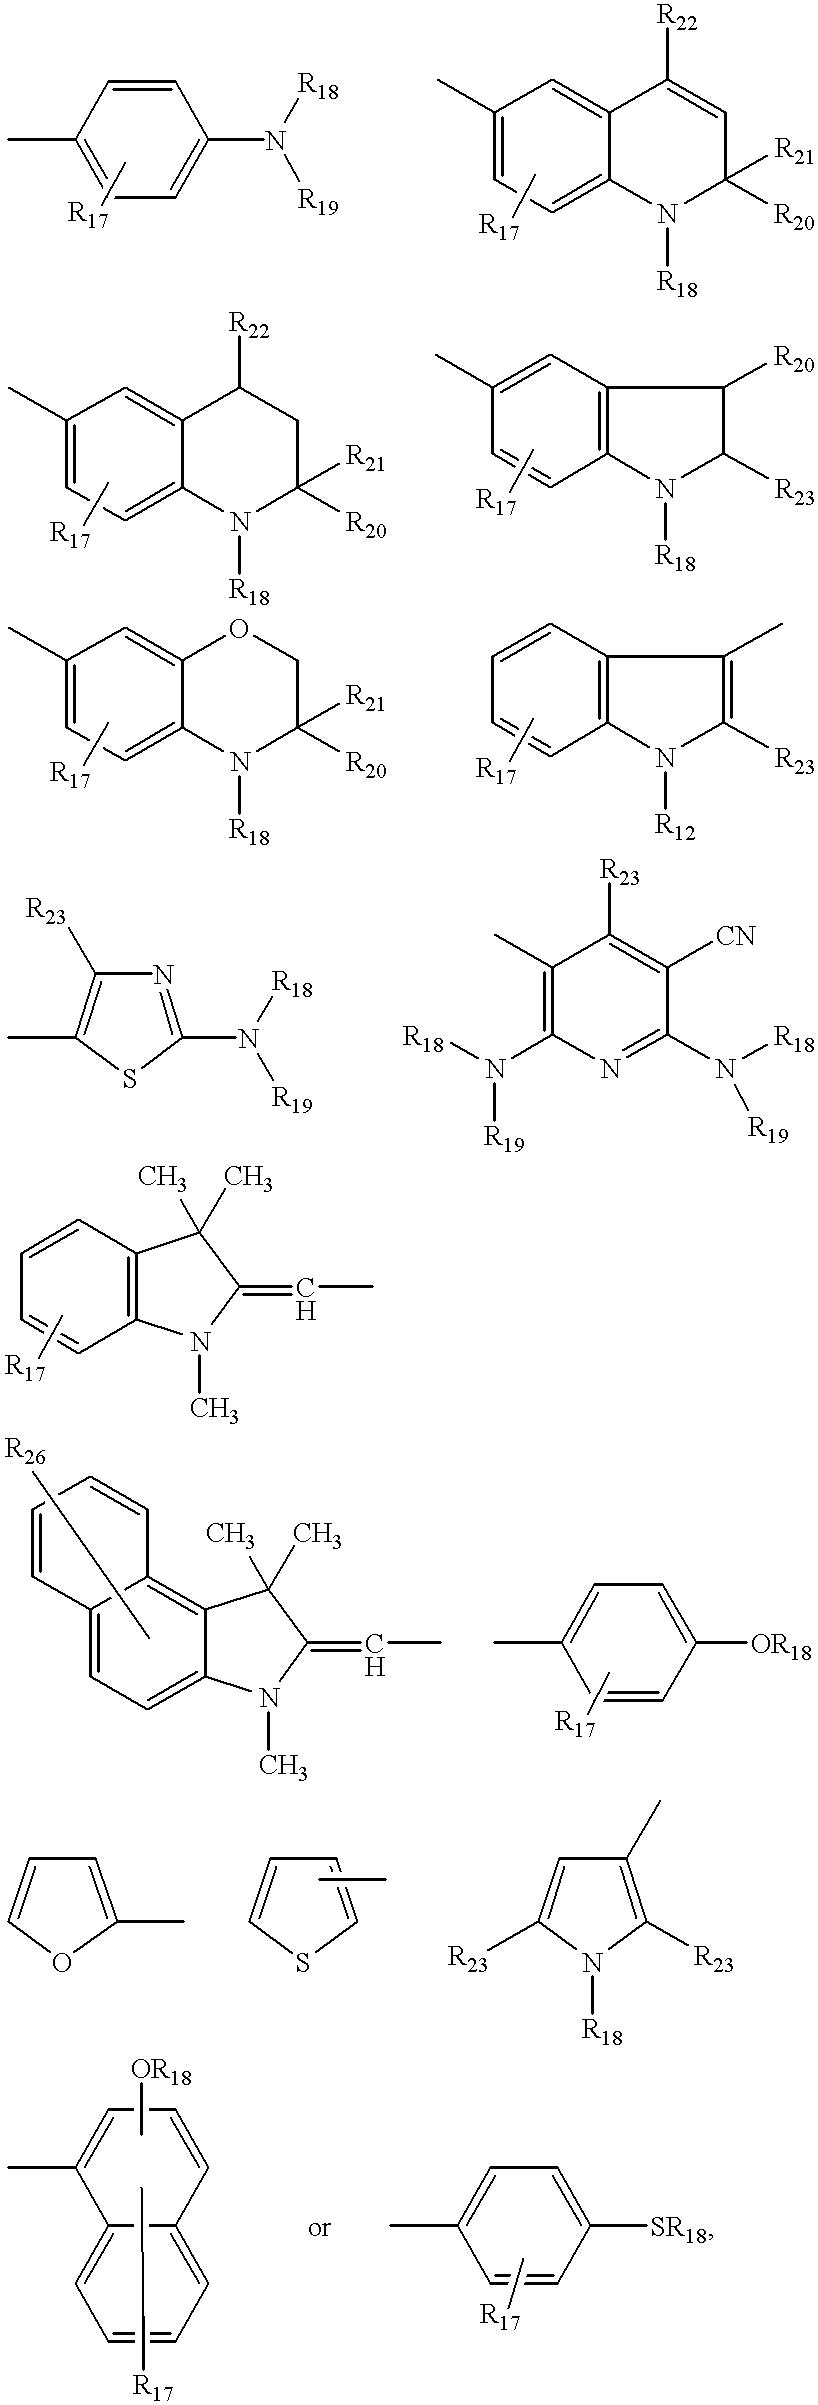 Figure US06776930-20040817-C00023